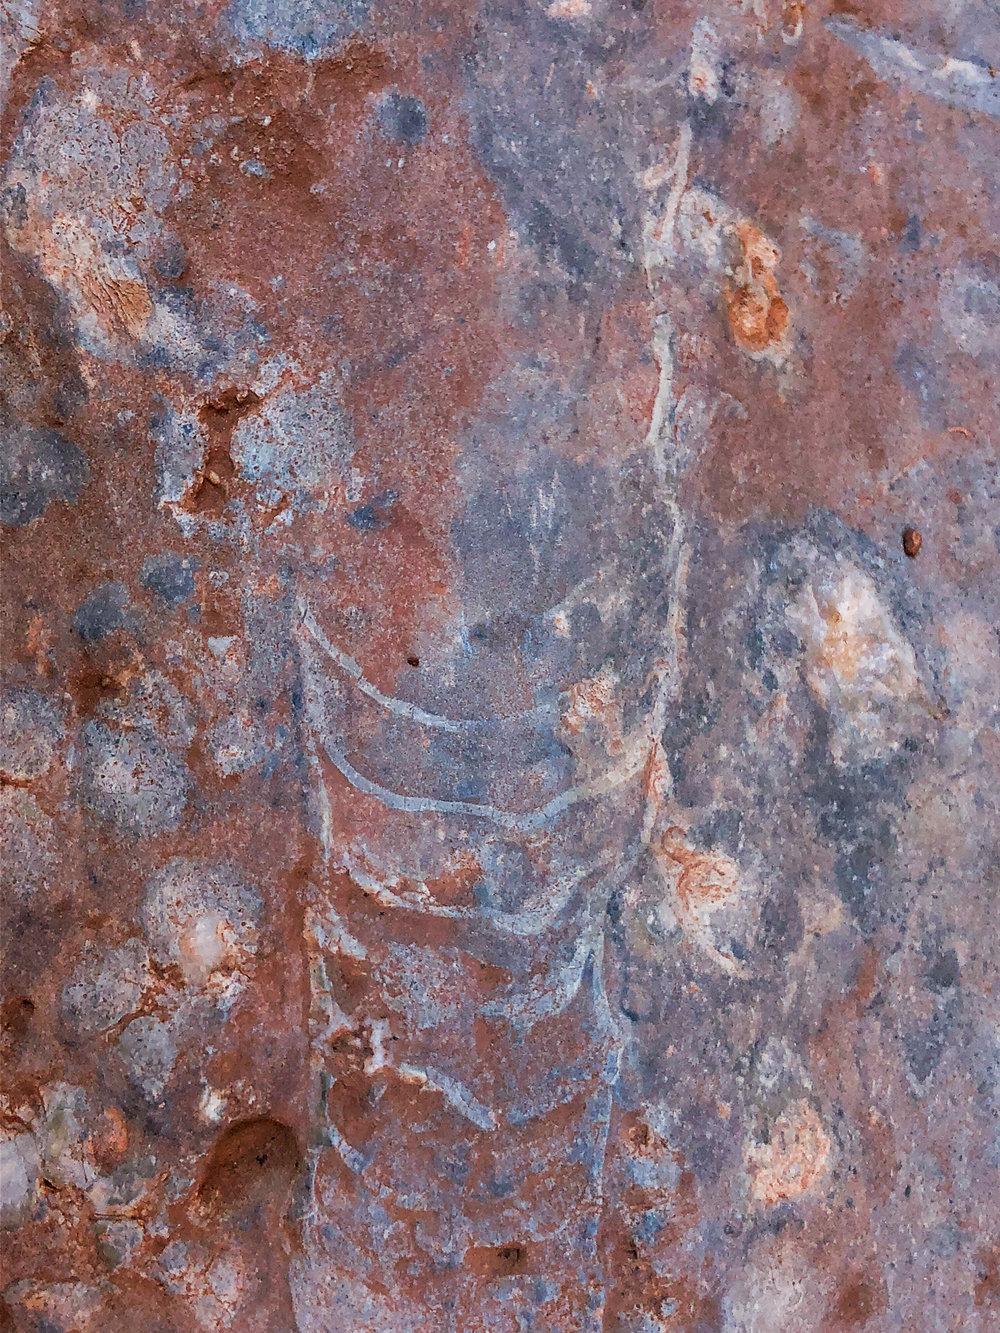 A nautiloid fossil